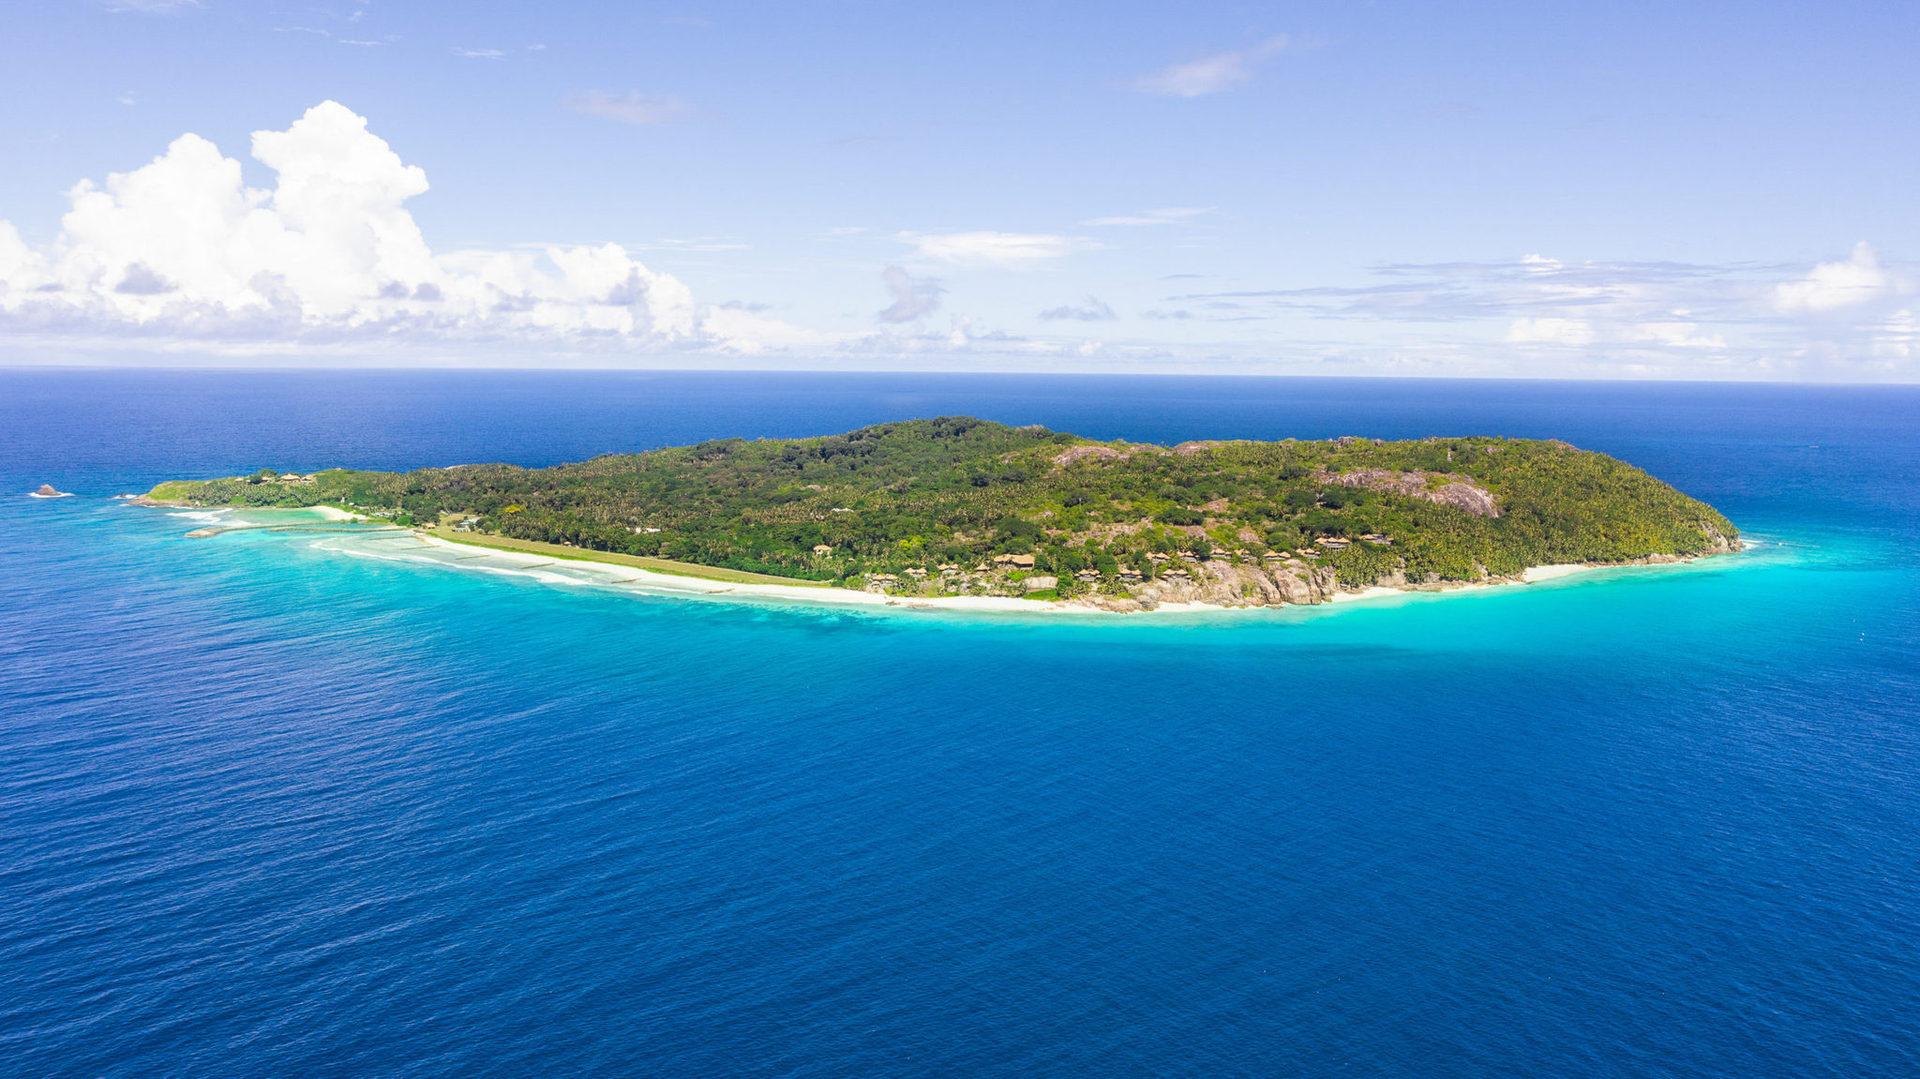 Готель розташований на острові в ізоляції від зовнішнього світу, дістатись сюди можна тільки по морю або повітряним шляхом